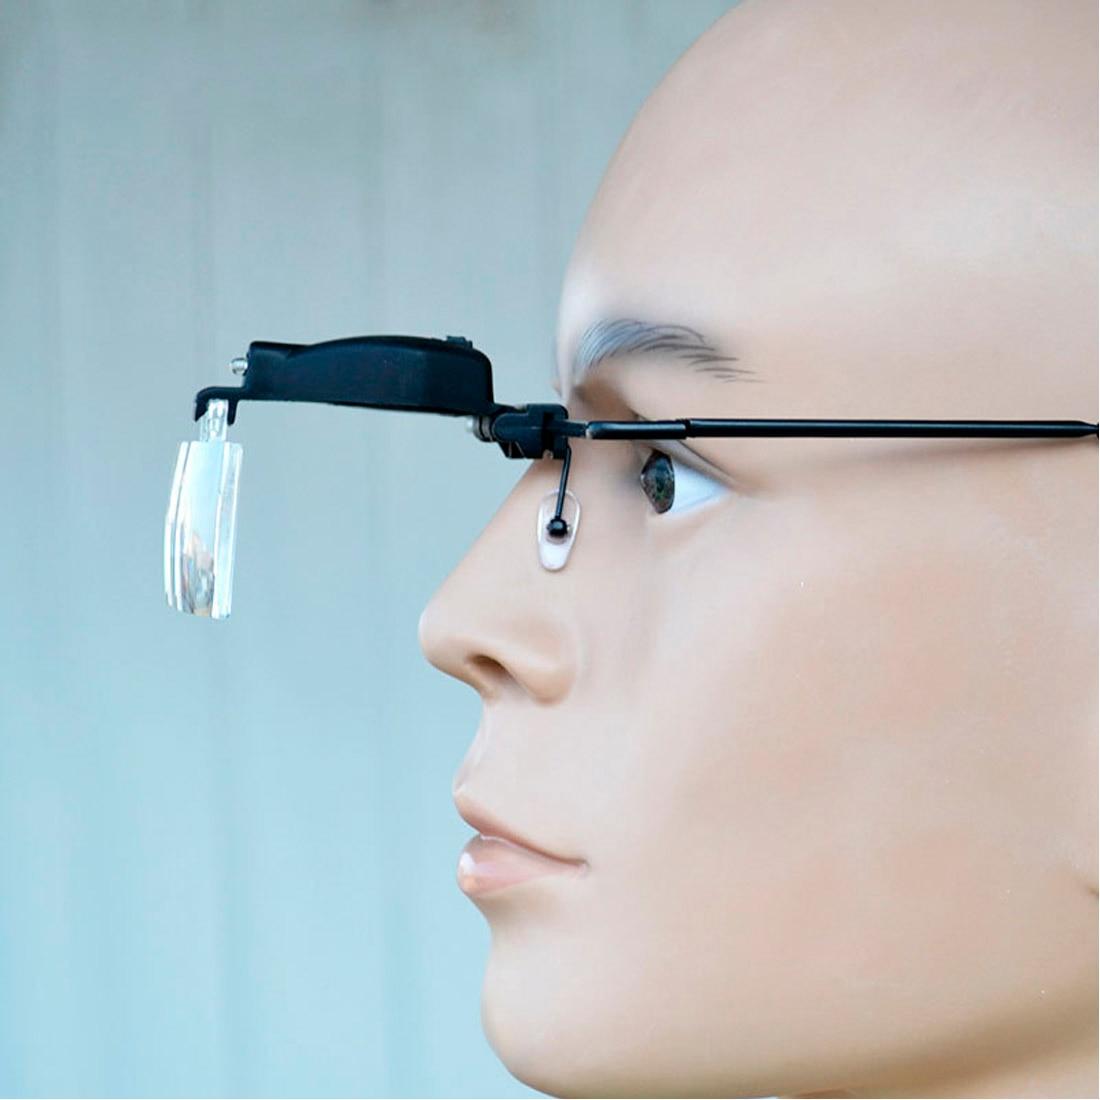 Aletler'ten Büyüteçler'de Büyüteç kafa büyüteç büyüteç göz onarım büyüteç 1.5/2.5/3.5 gözlük büyüteç optik Lens title=